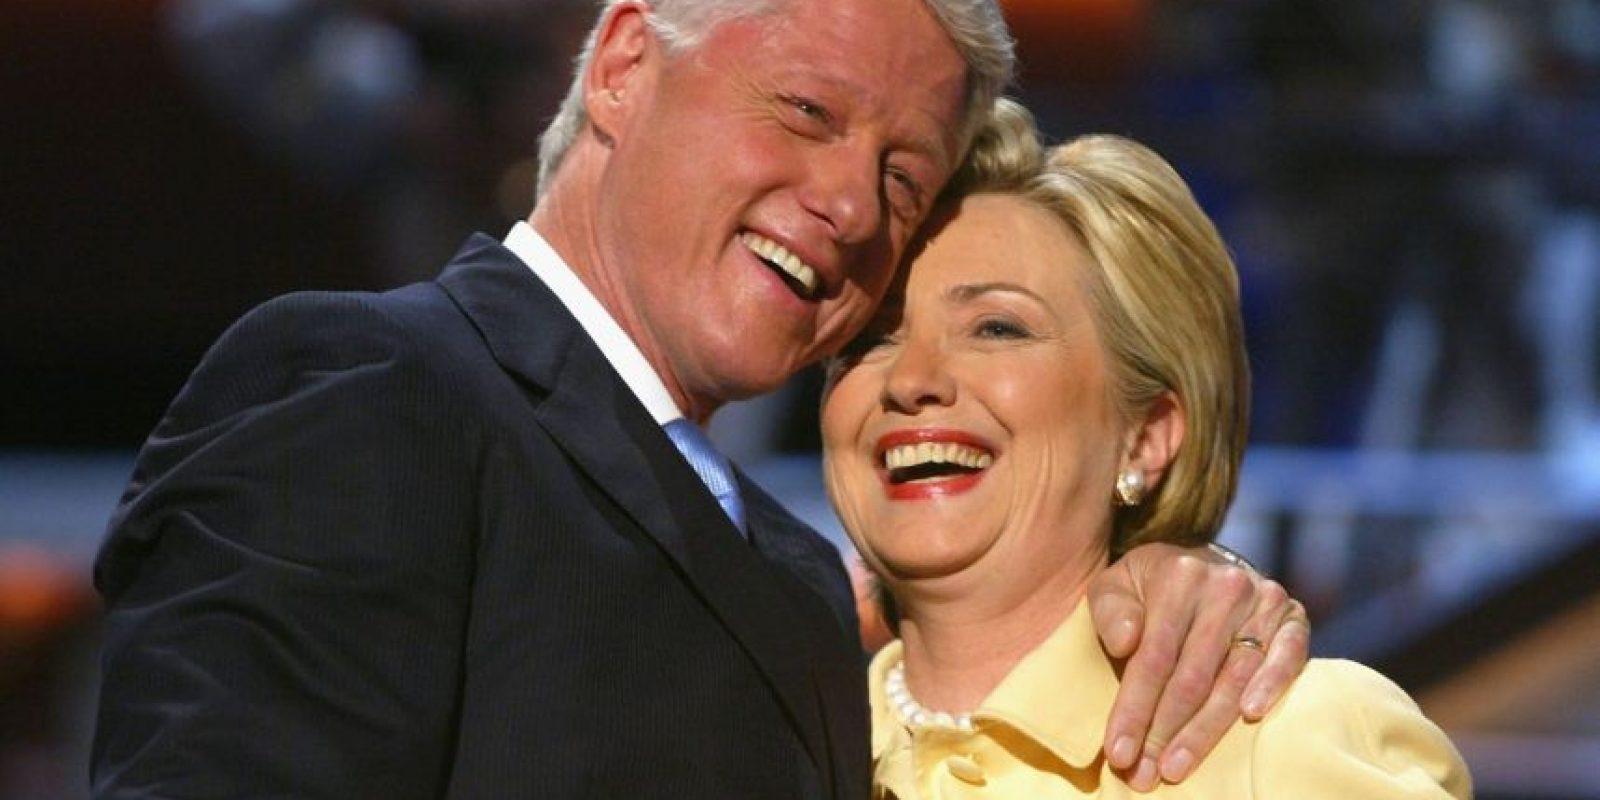 El ex gobernador de Maryland, Martin O'Malley, tiene un 2% de apoyo. Foto:Getty Images